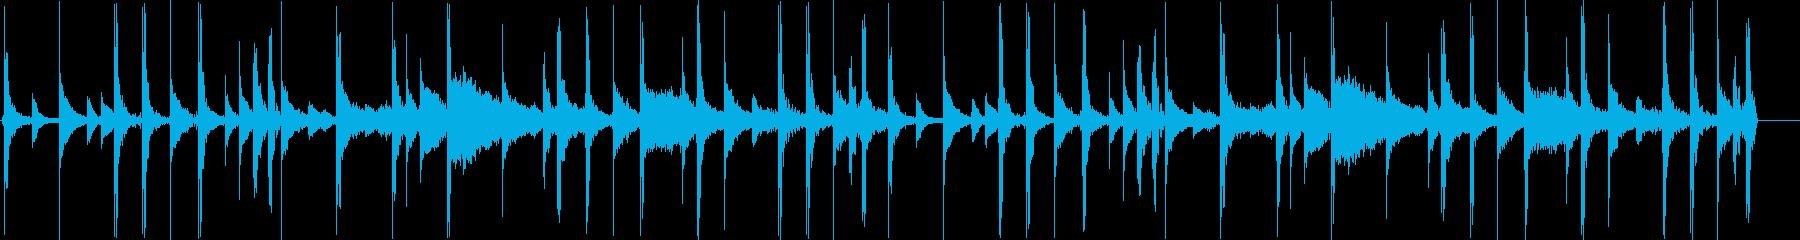 ロック向け生ドラムループ 100bpm の再生済みの波形